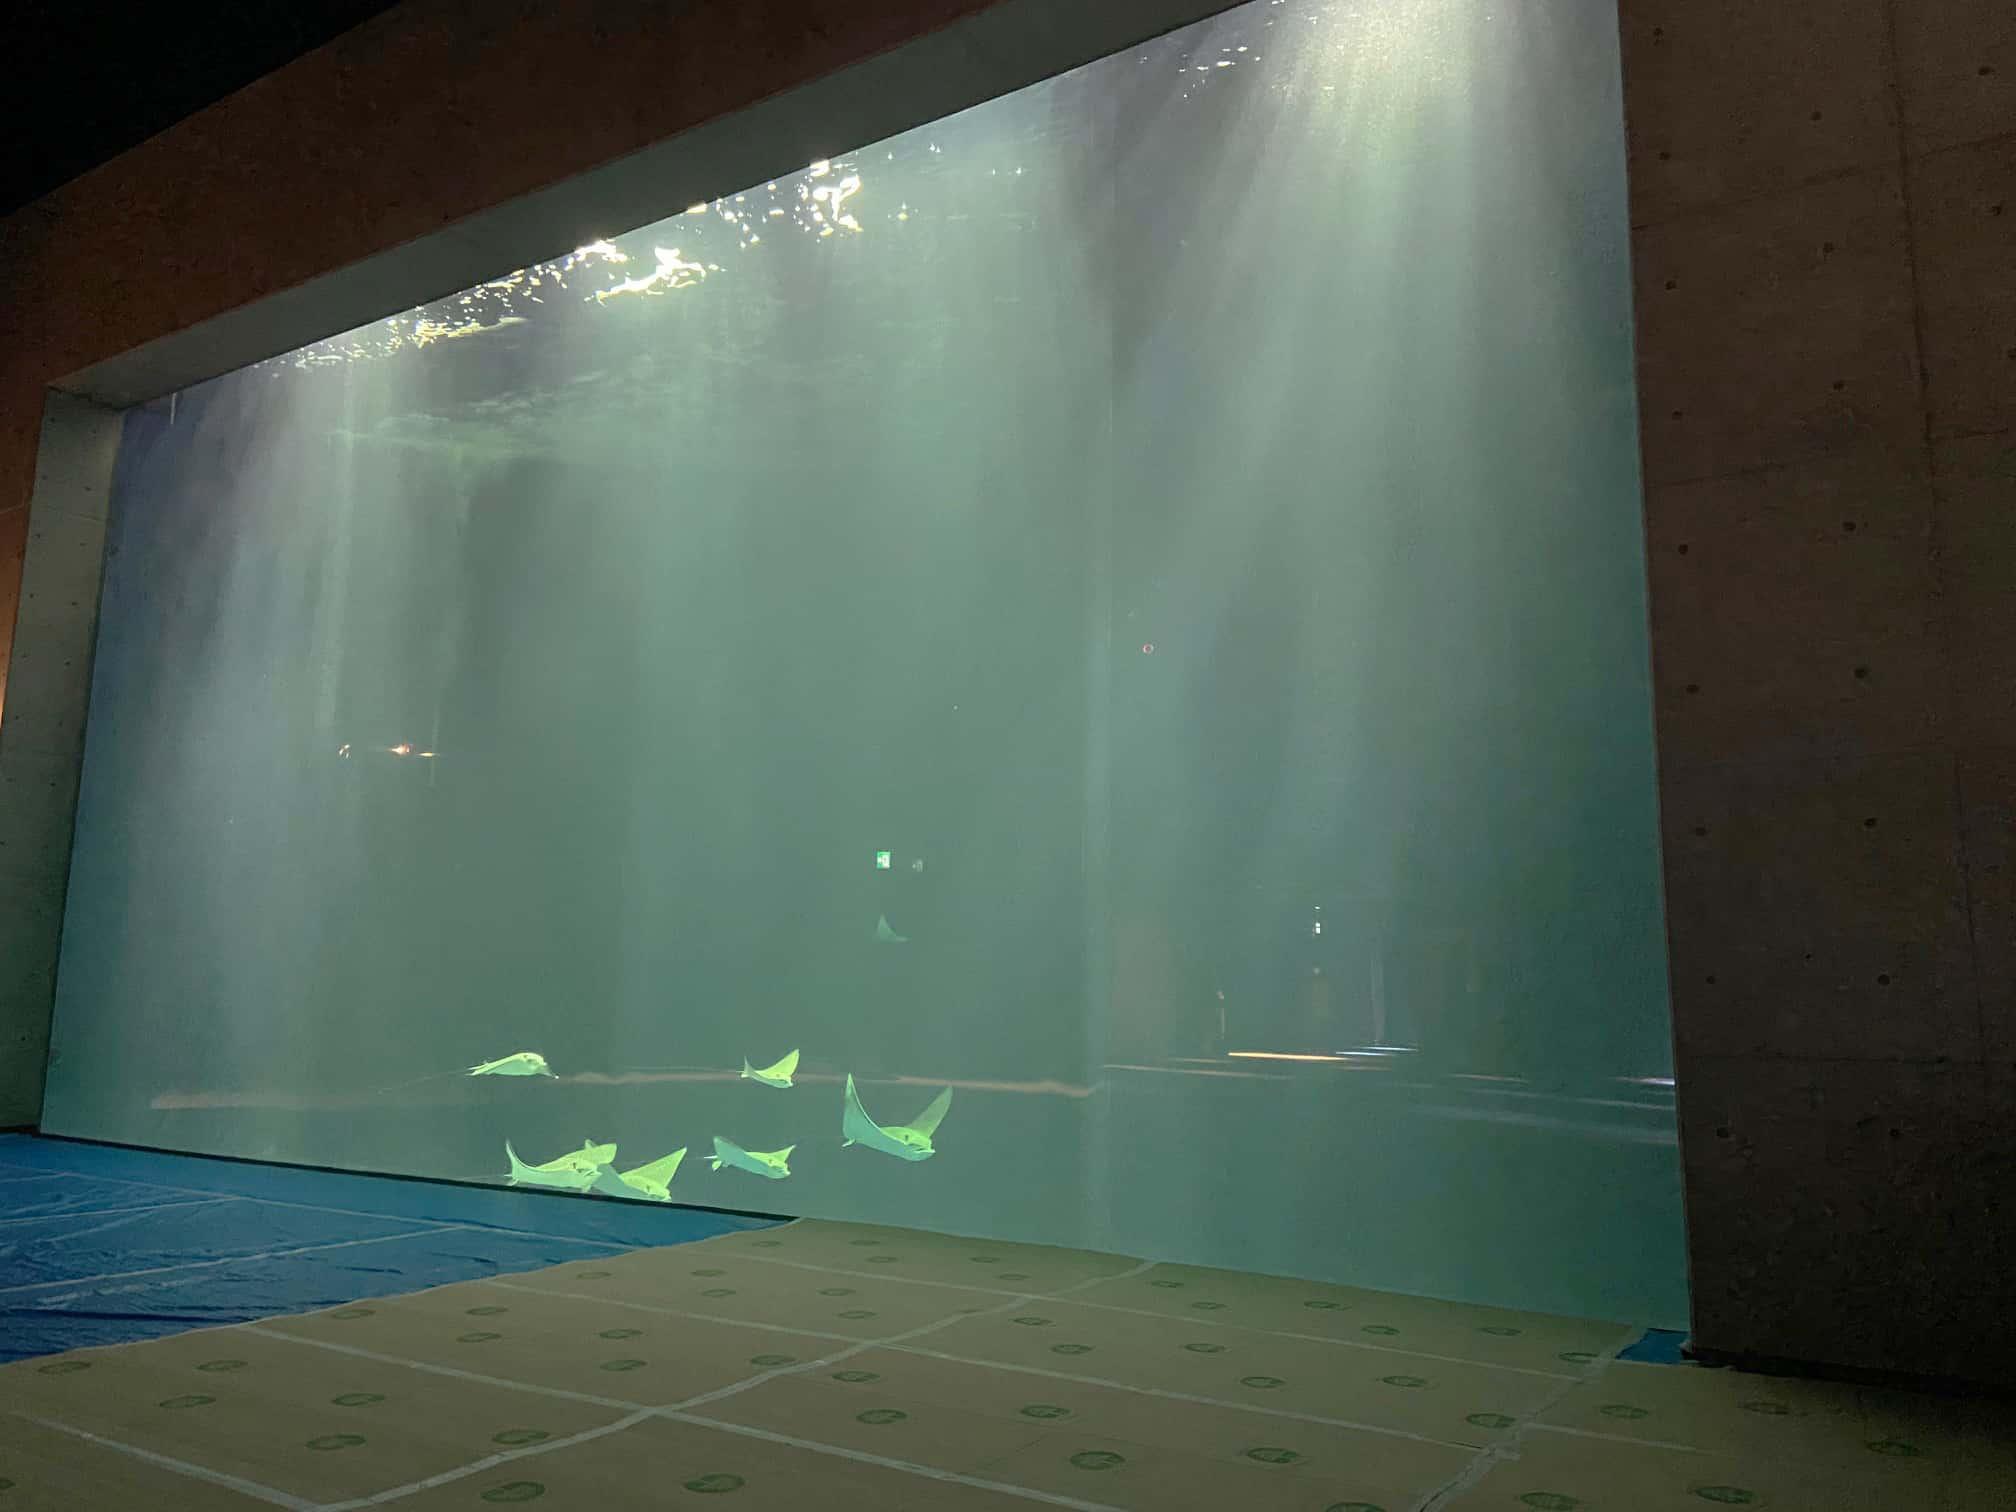 เที่ยวคางาวะ : พิพิธภัณฑ์สัตว์น้ำชิโกกุ (Shikoku Aquarium)